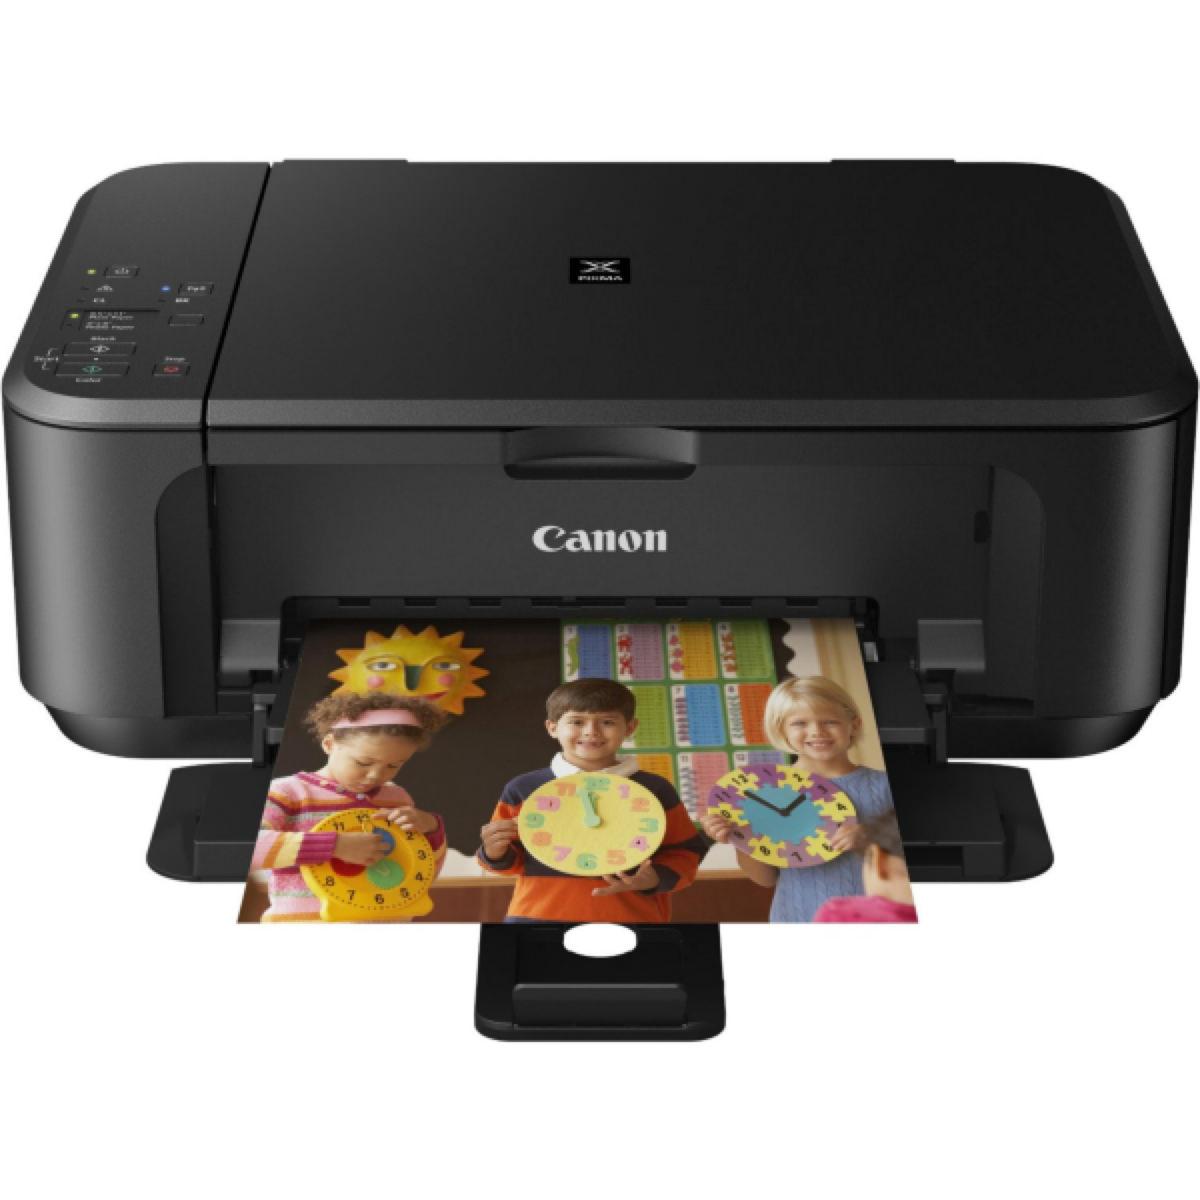 Canon Pixma MG3550, multifunzione stampa nativa da iPad e iPhone: solo 53 euro